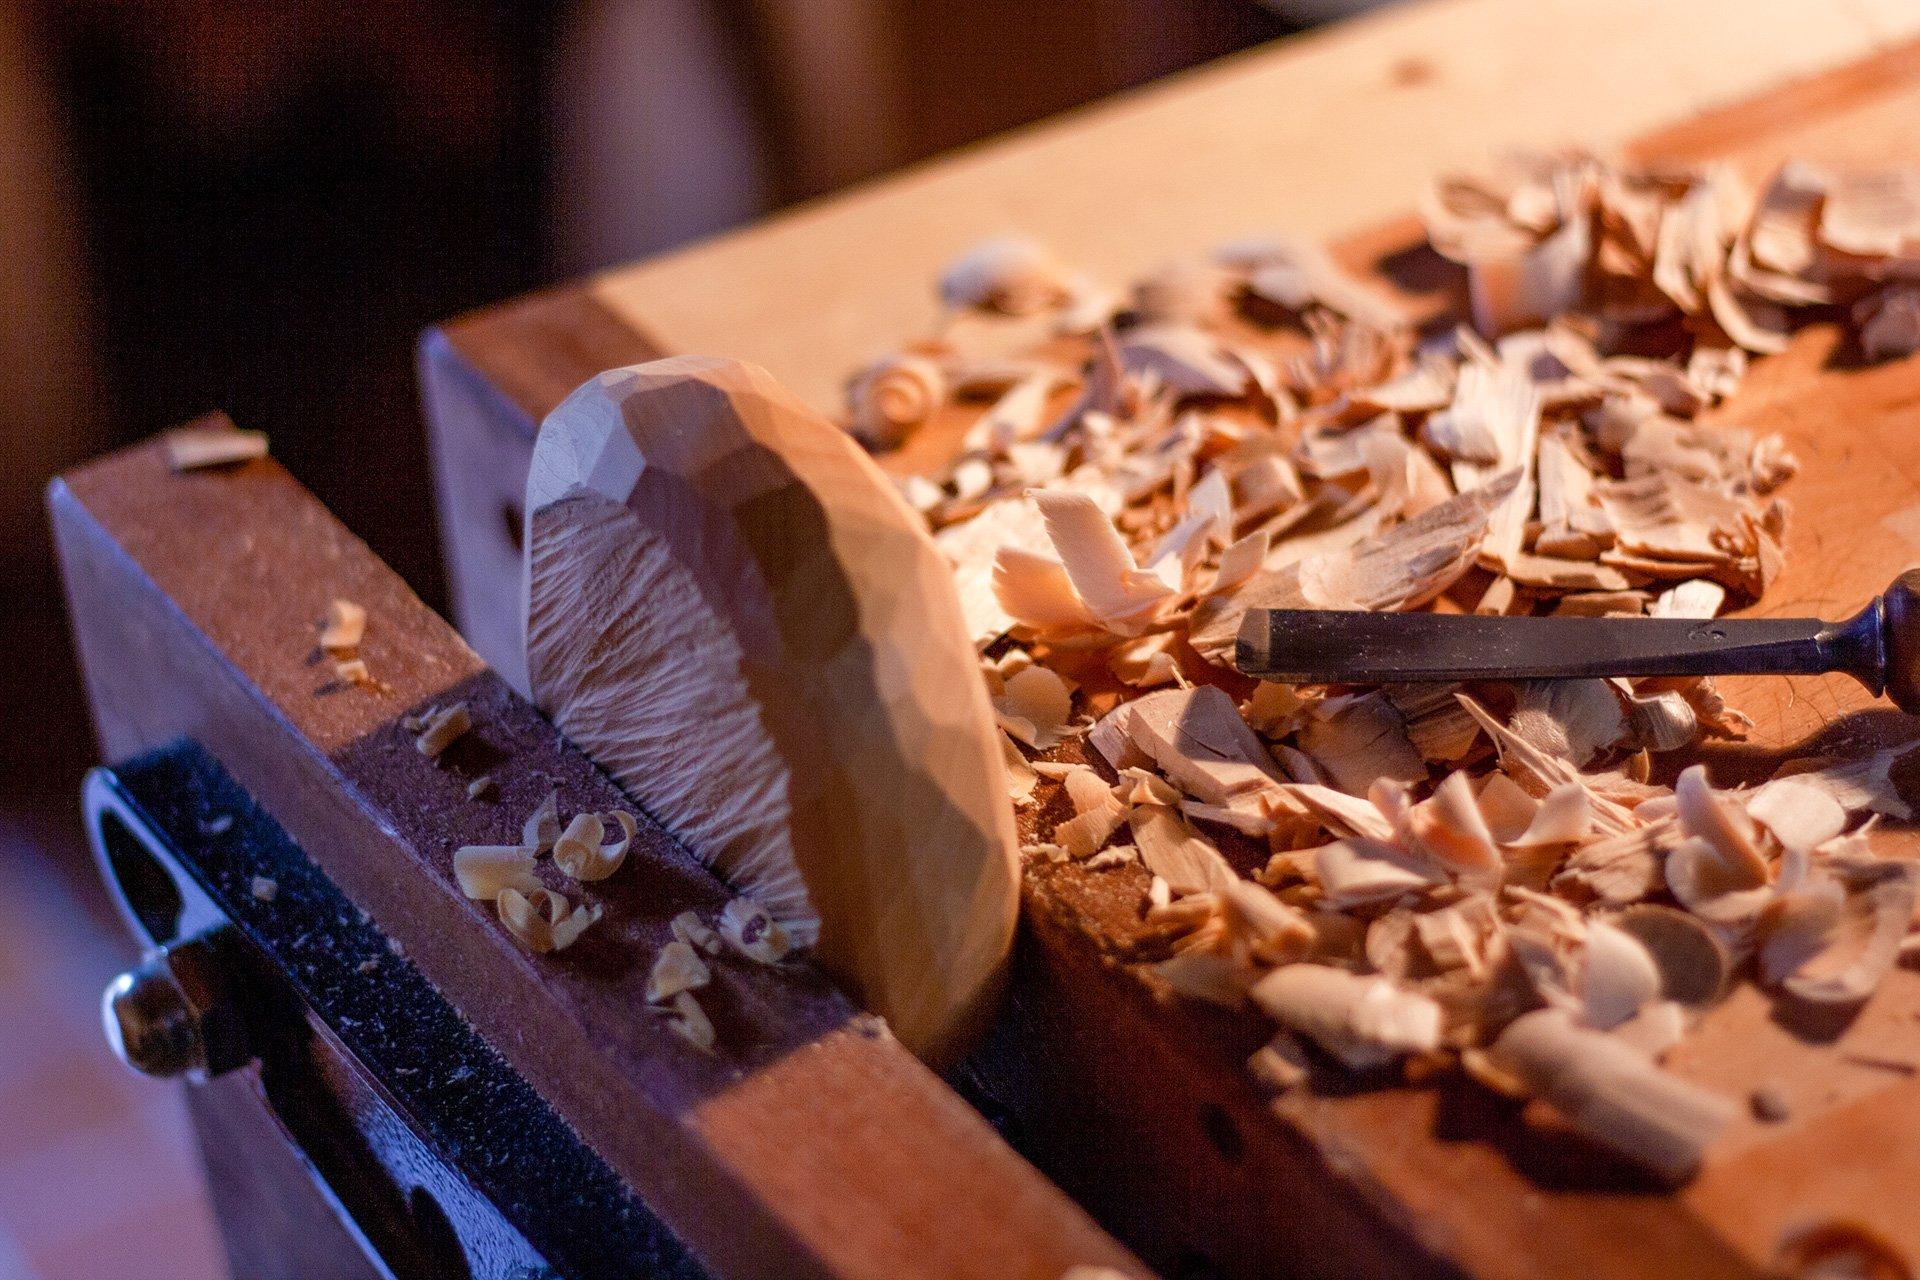 Fertigung einer DIPFELE Servierschale in der Werkstatt mithilfe eines traditionellen Schnitzmessers.